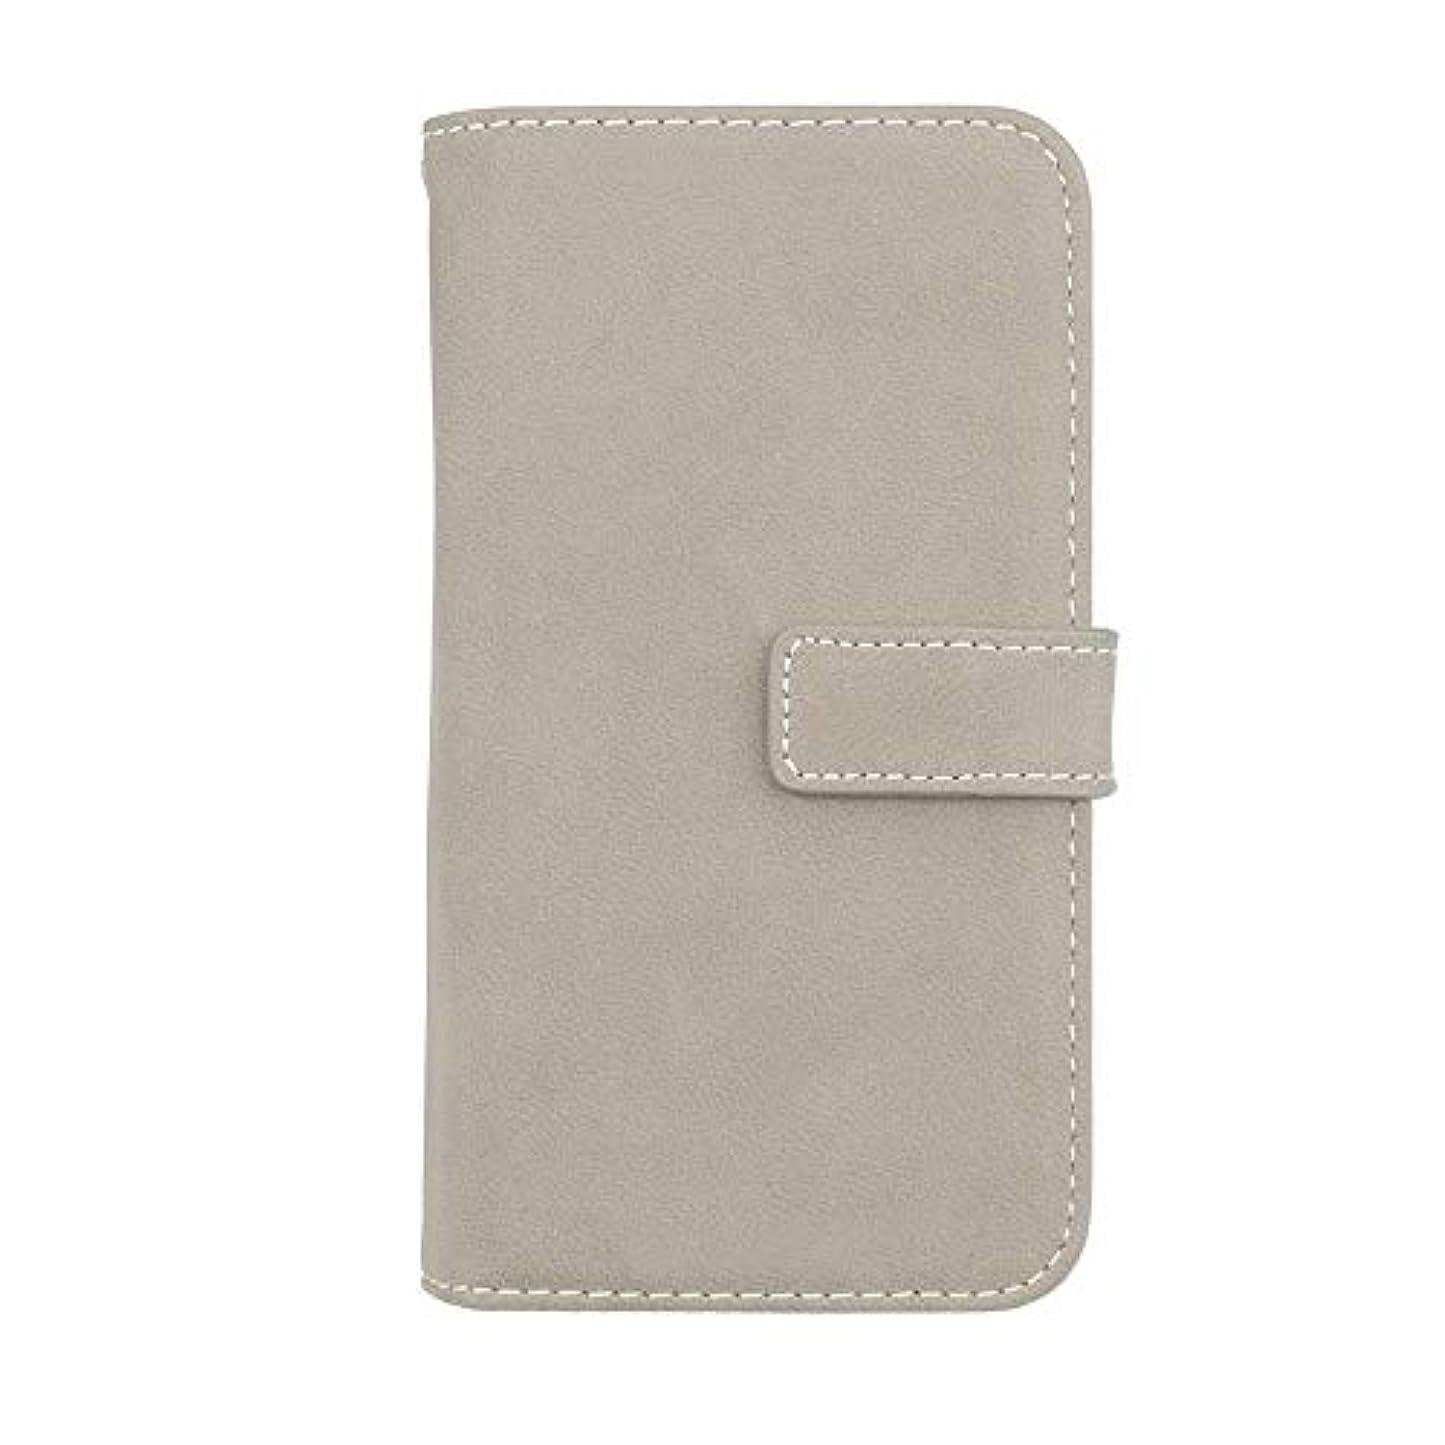 日記粘着性ランドマークXiaomi Redmi 4X 高品質 マグネット ケース, CUNUS 携帯電話 ケース 軽量 柔軟 高品質 耐摩擦 カード収納 カバー Xiaomi Redmi 4X 用, グレー